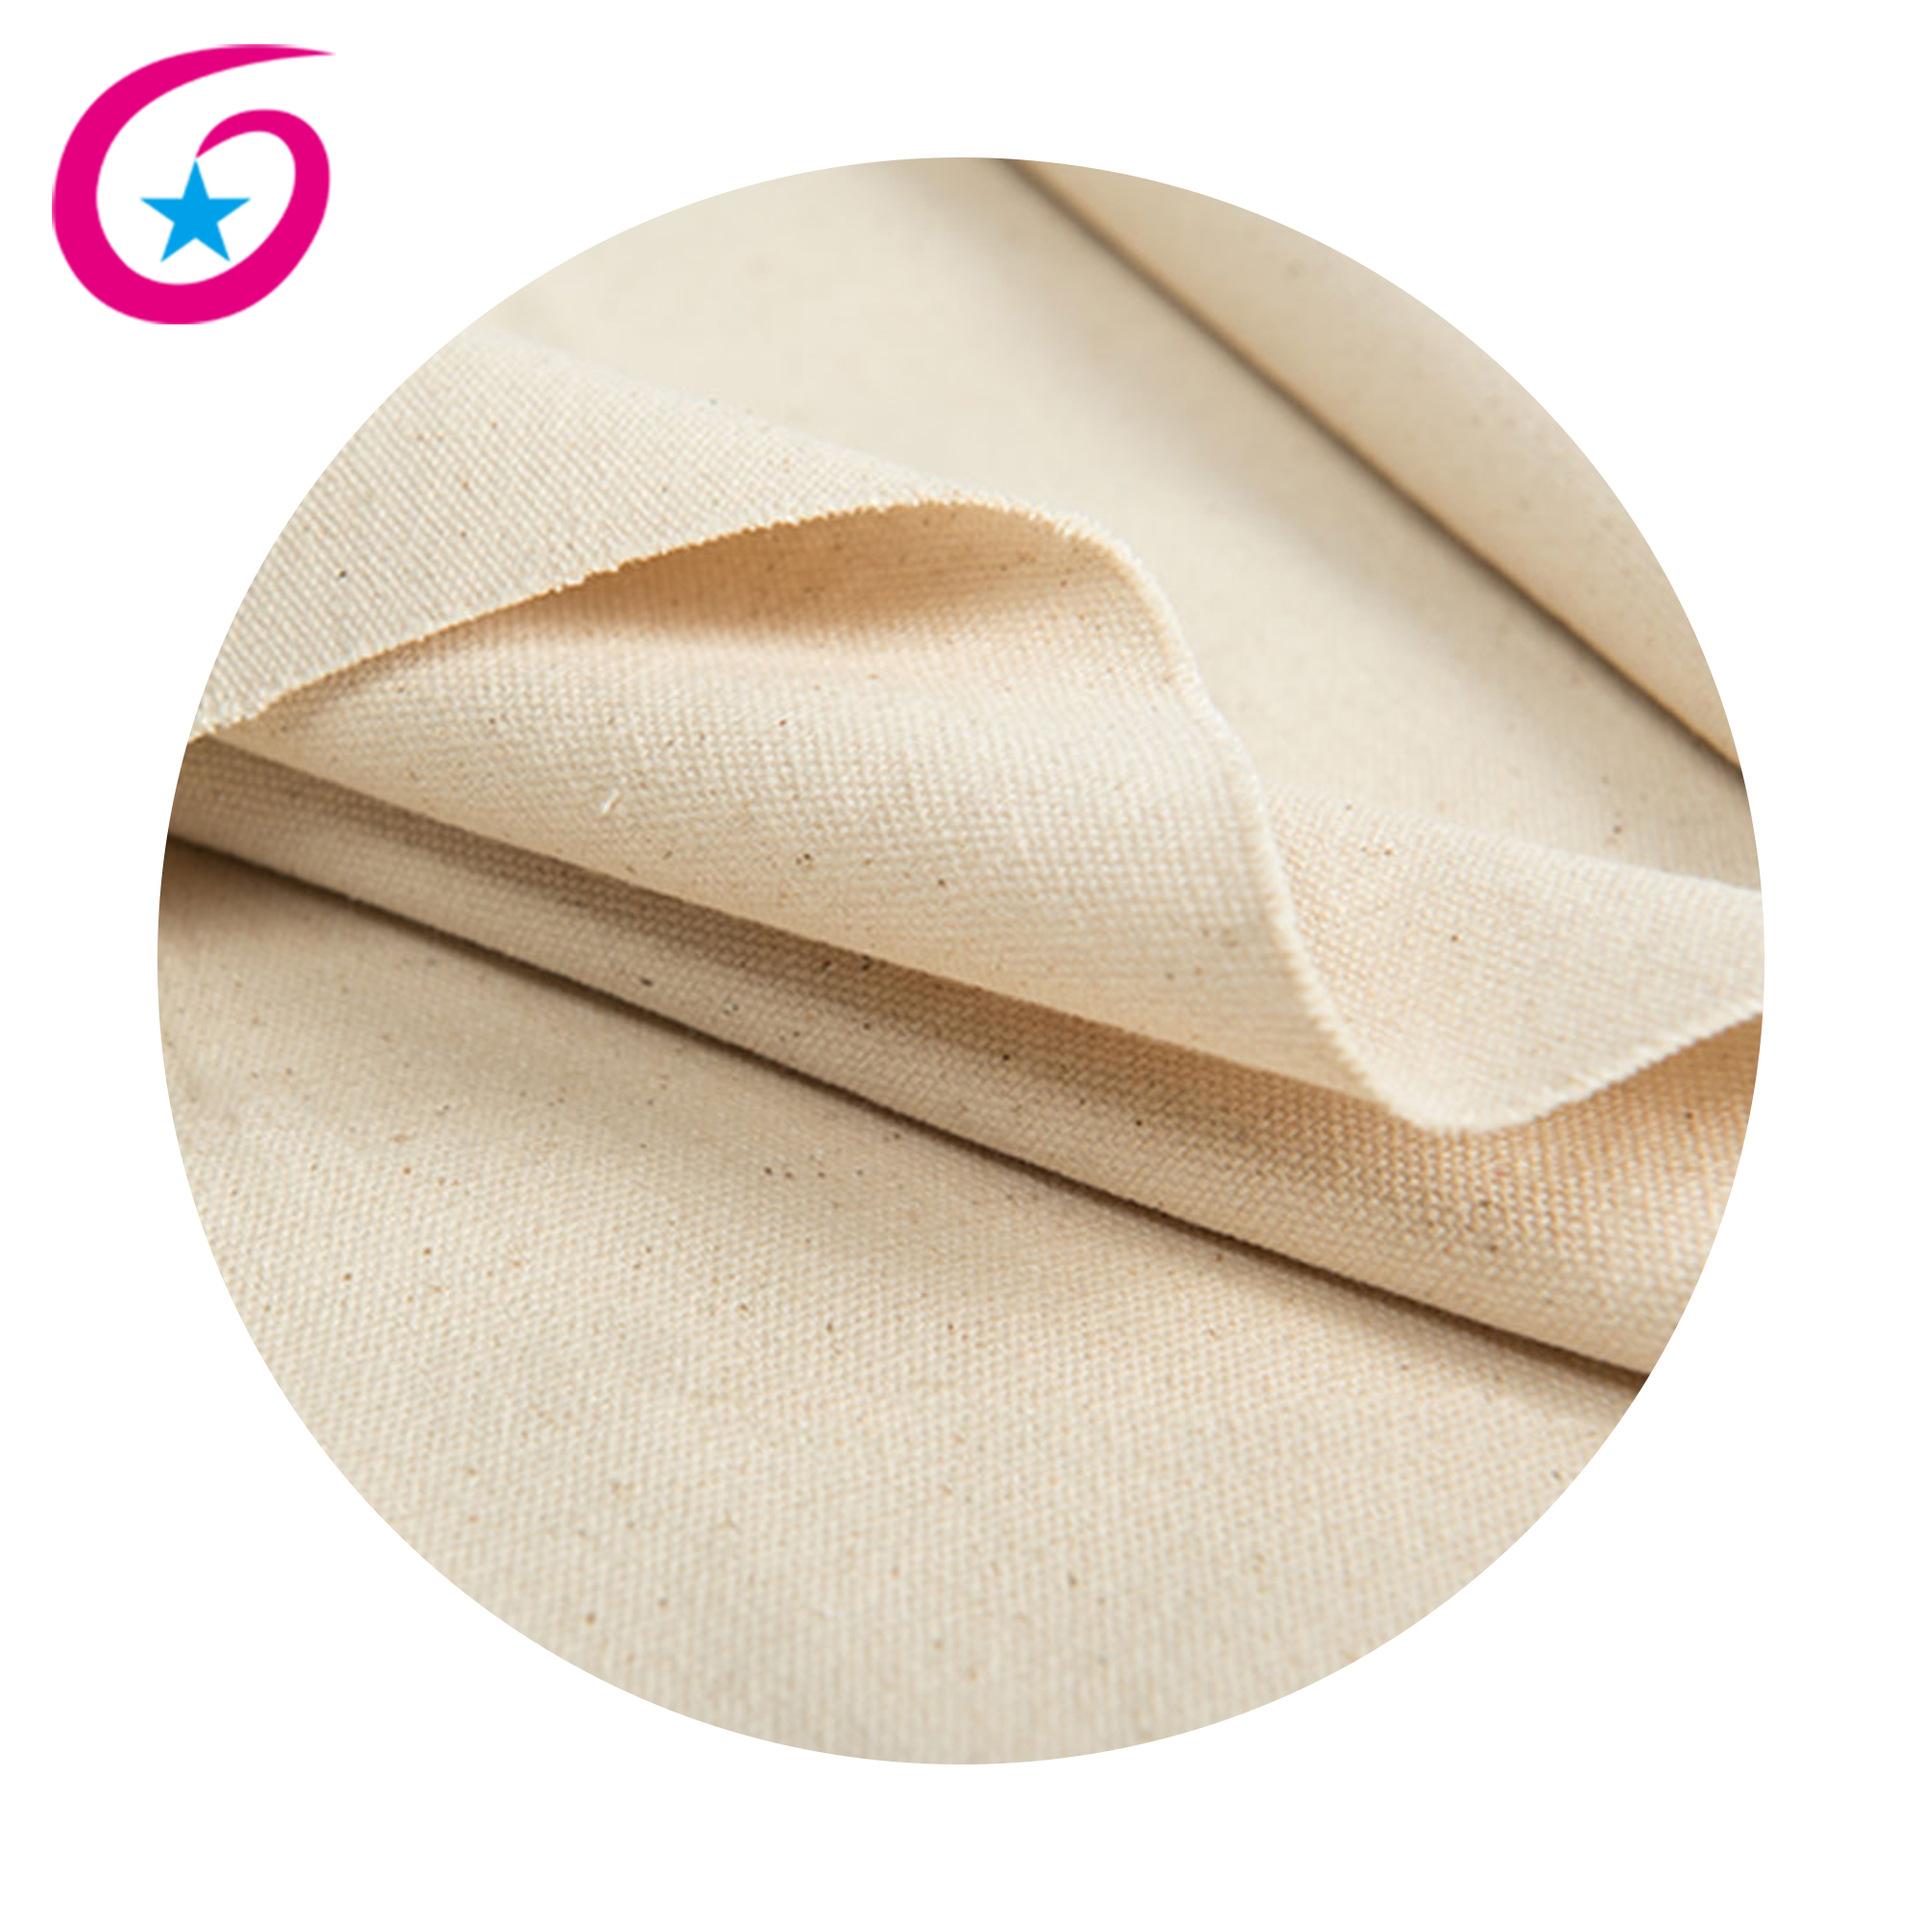 NANXING Vải Cotton mộc Nhà máy Cửa hàng 12 An toàn Vải Xám Vải Vải Bông Vải không thấm nước Túi vải